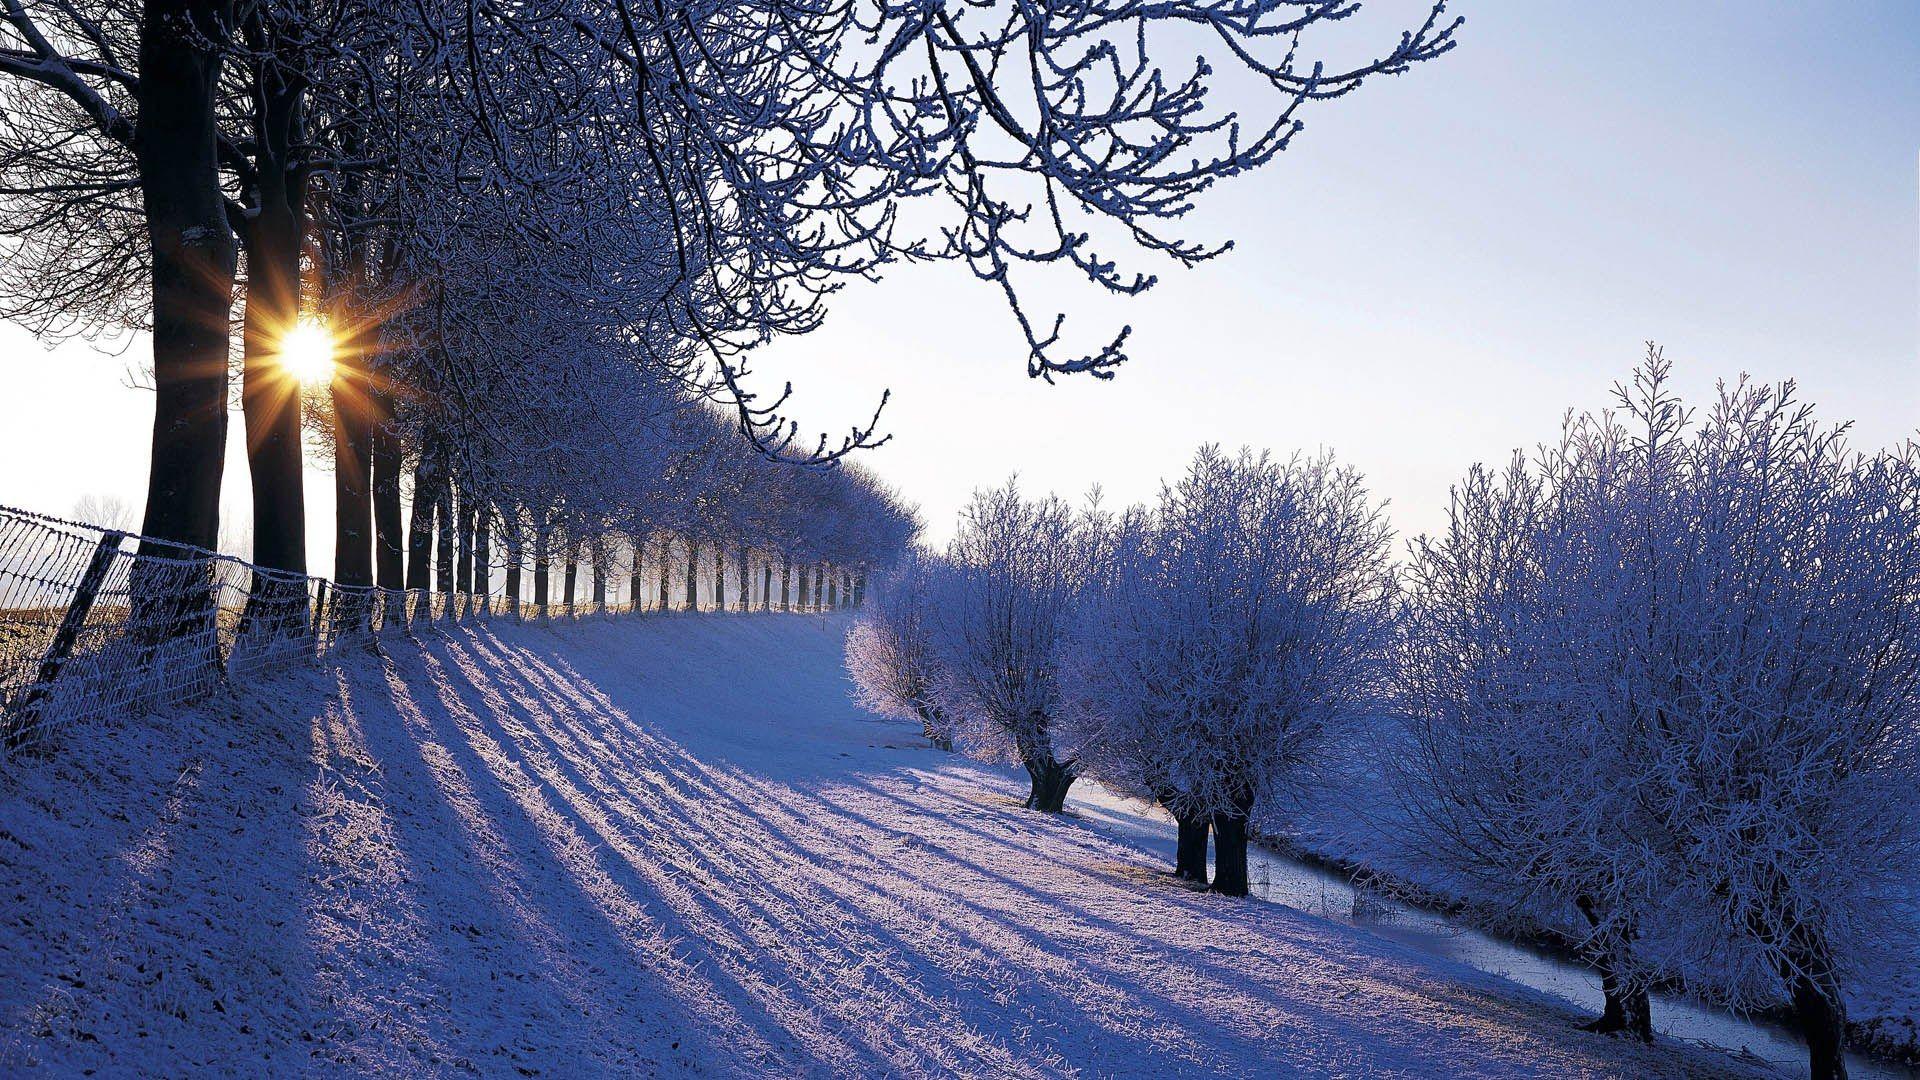 So Wintry Free Winter Wallpaper Winter Wallpaper Hd Winter Wallpaper